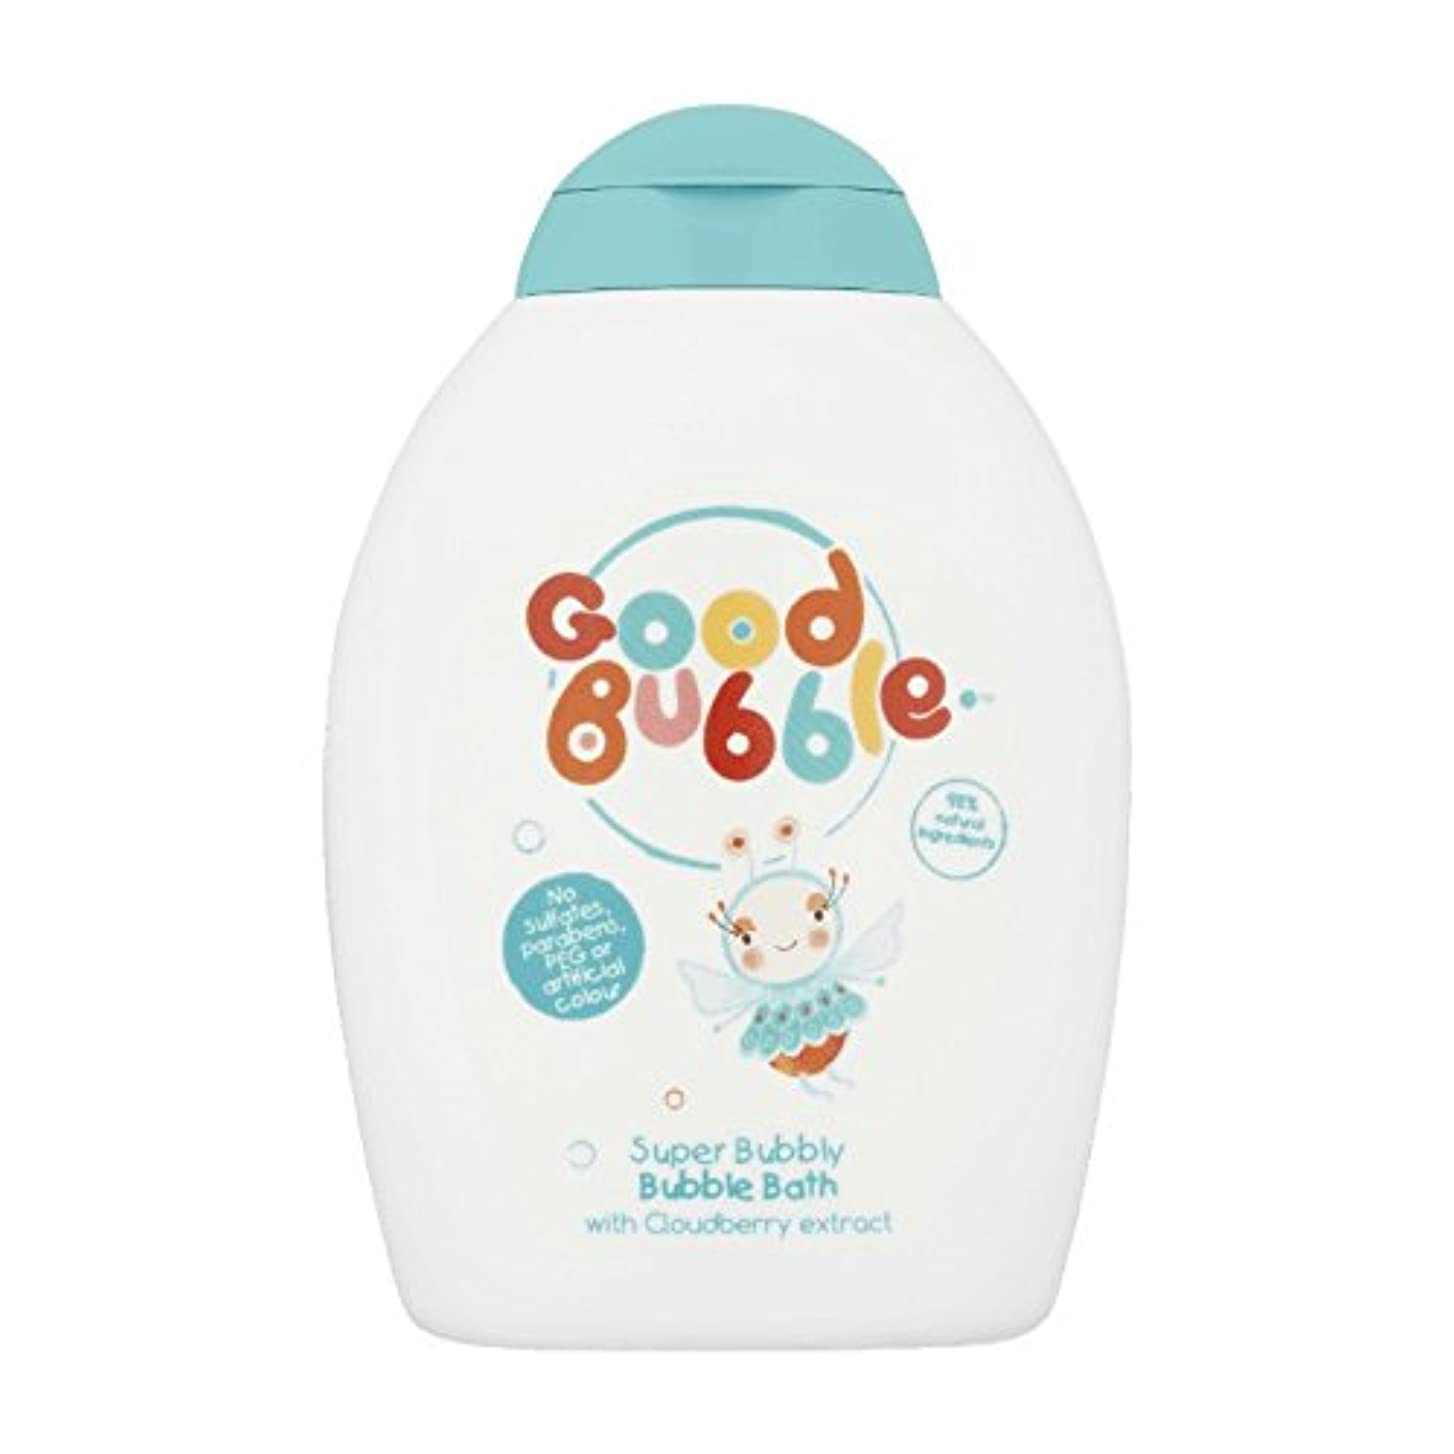 ストラトフォードオンエイボン病気の第五良いバブルクラウドベリーバブルバス400ミリリットル - Good Bubble Cloudberry Bubble Bath 400ml (Good Bubble) [並行輸入品]